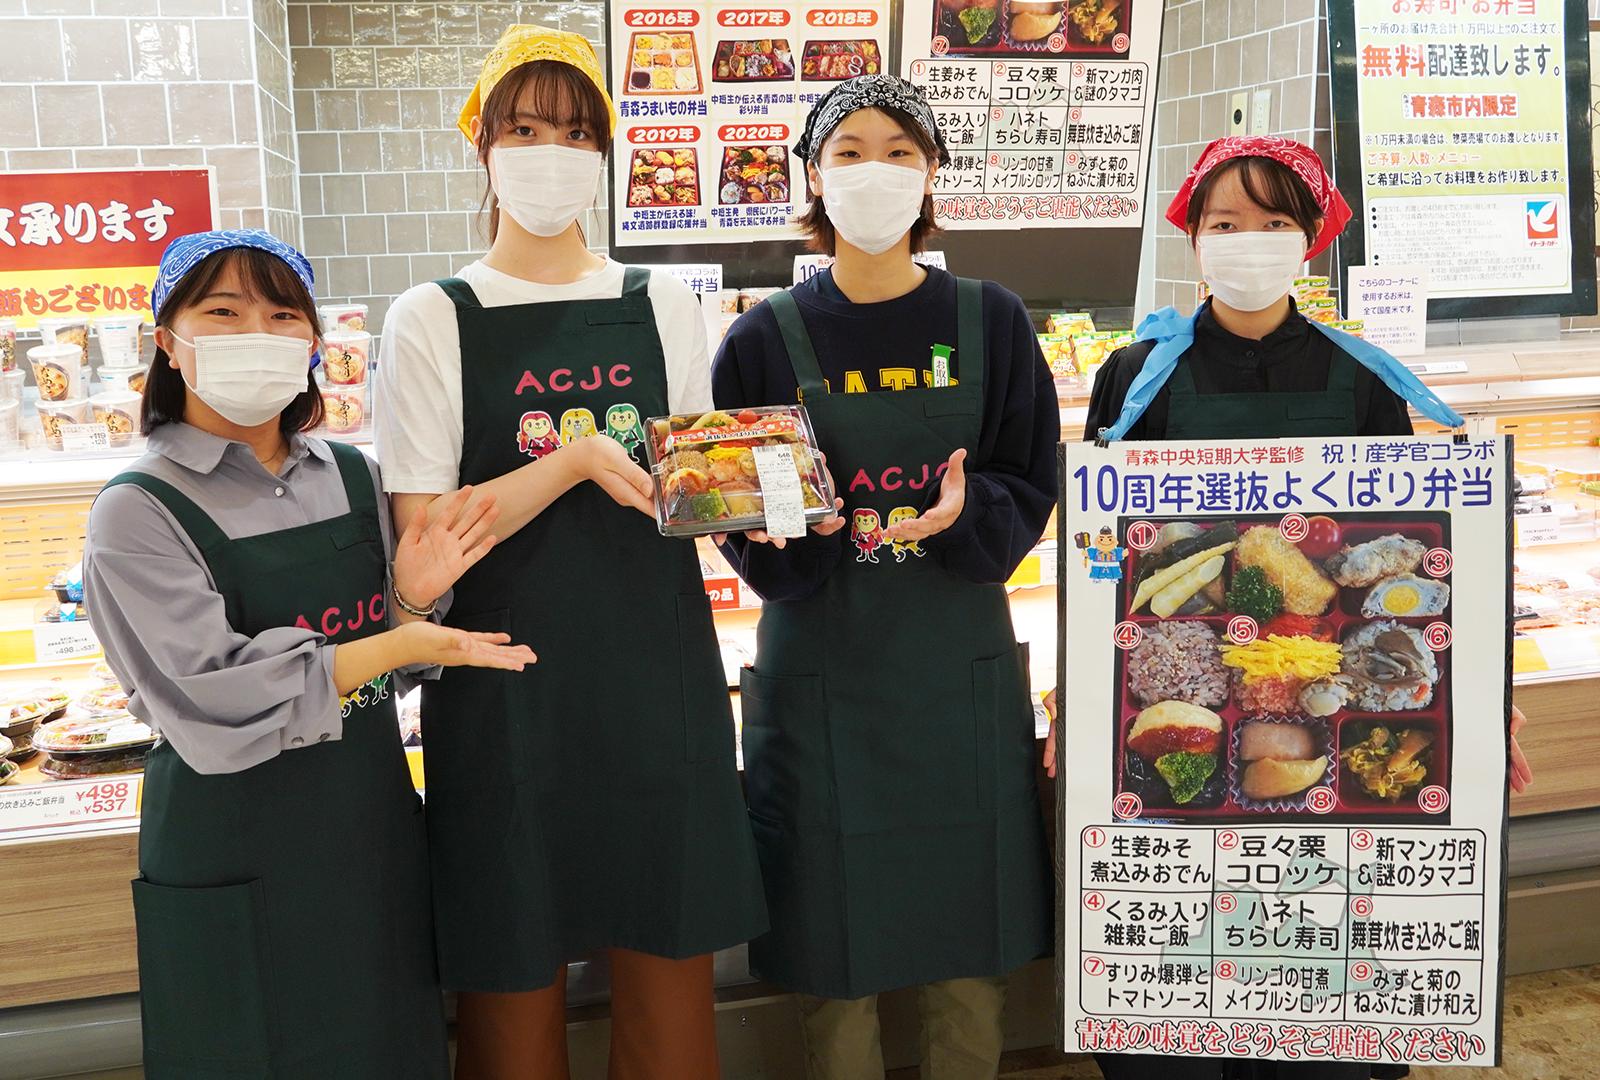 食物栄養学科の学生がイトーヨーカドー青森店において『祝!産学官コラボ10周年選抜よくばり弁当』の販売をしました